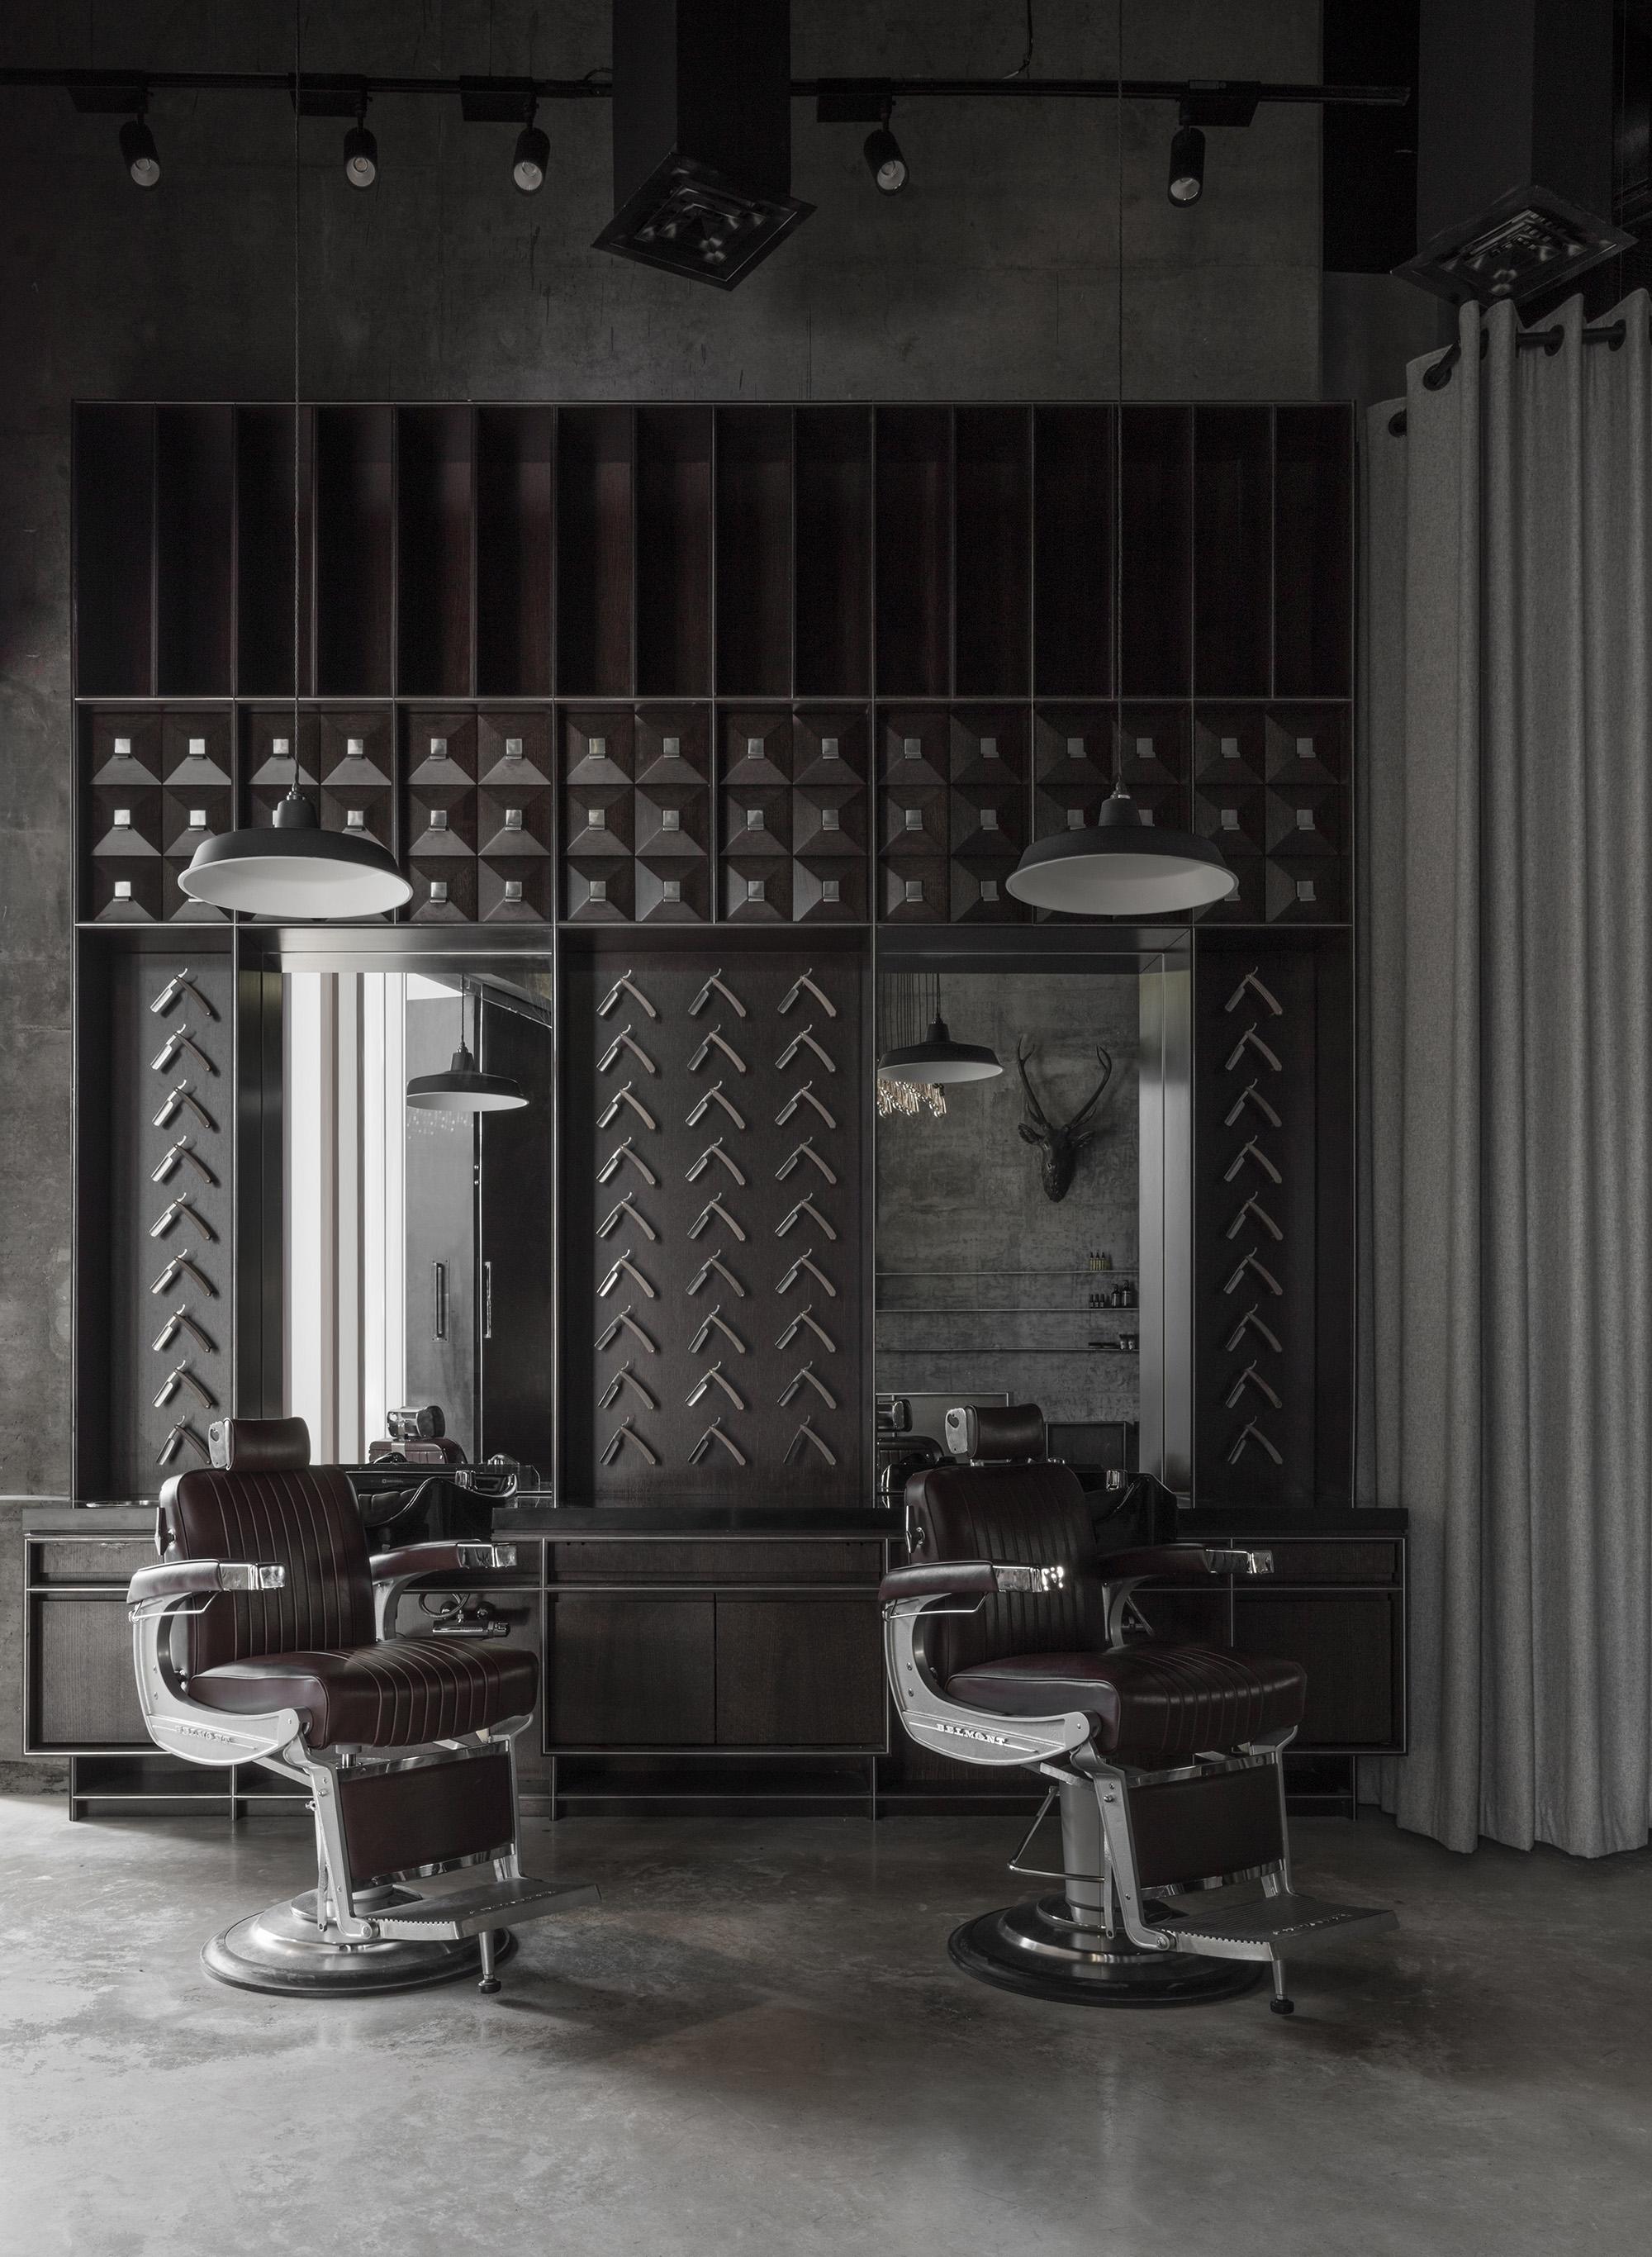 Chaps & Co-Marina-Dubai-Barbershop-Concrete-Oak-Belmont-Vintage-Chair-Interior-Architect.jpg